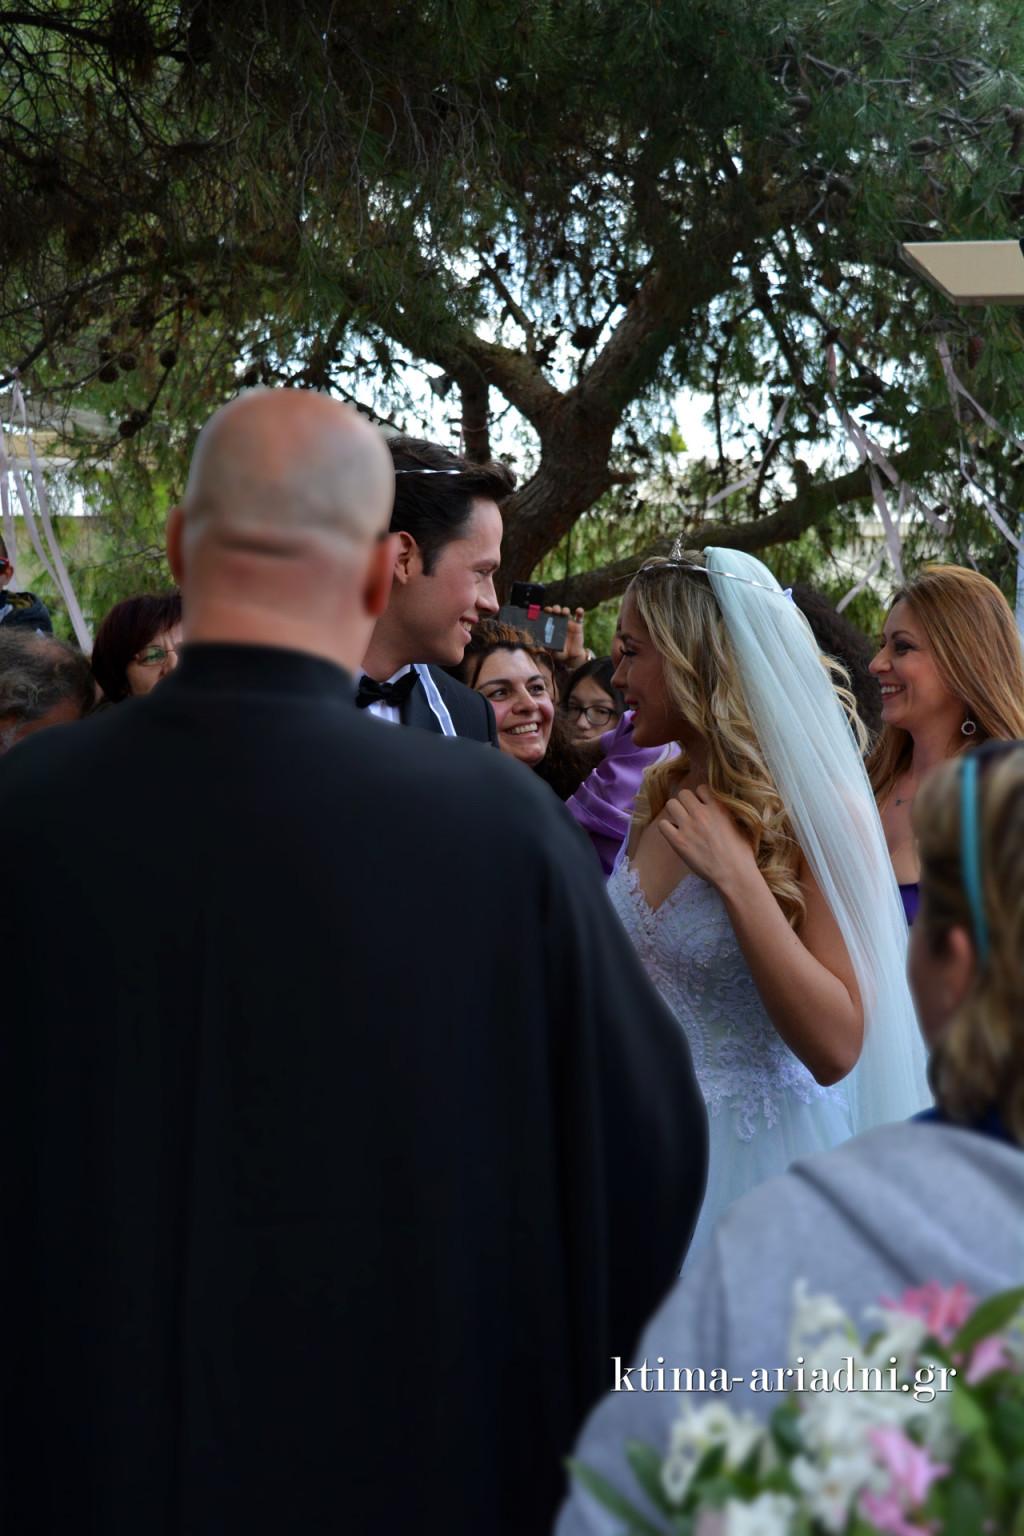 Στιγμιότυπα από τον γάμο της Barbie και του Ken με τη Σπυριδούλα στον ρόλο της κουμπάρας